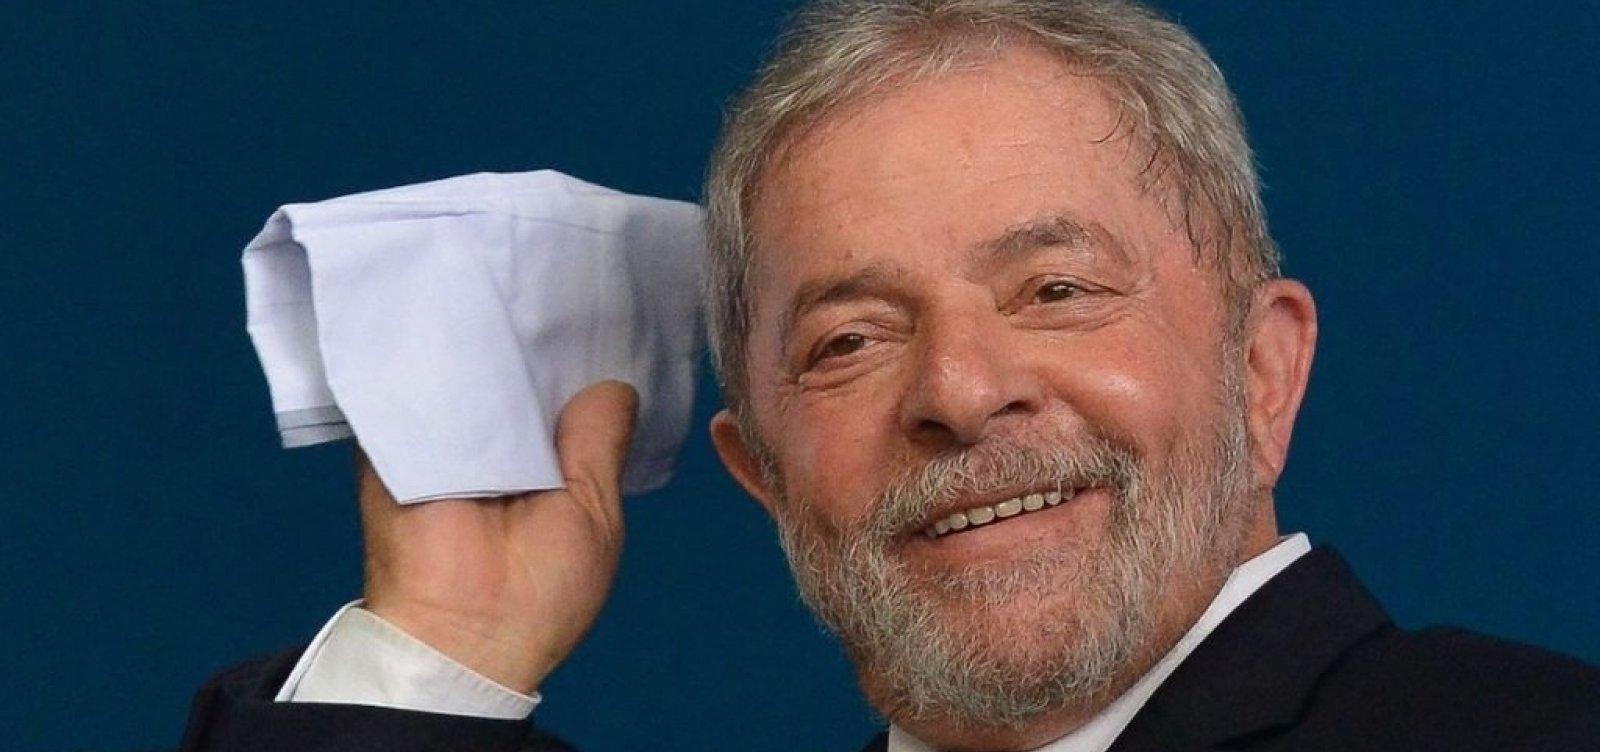 Após guerra jurídica, Lewandowski garante entrevista exclusiva de Lula a jornais